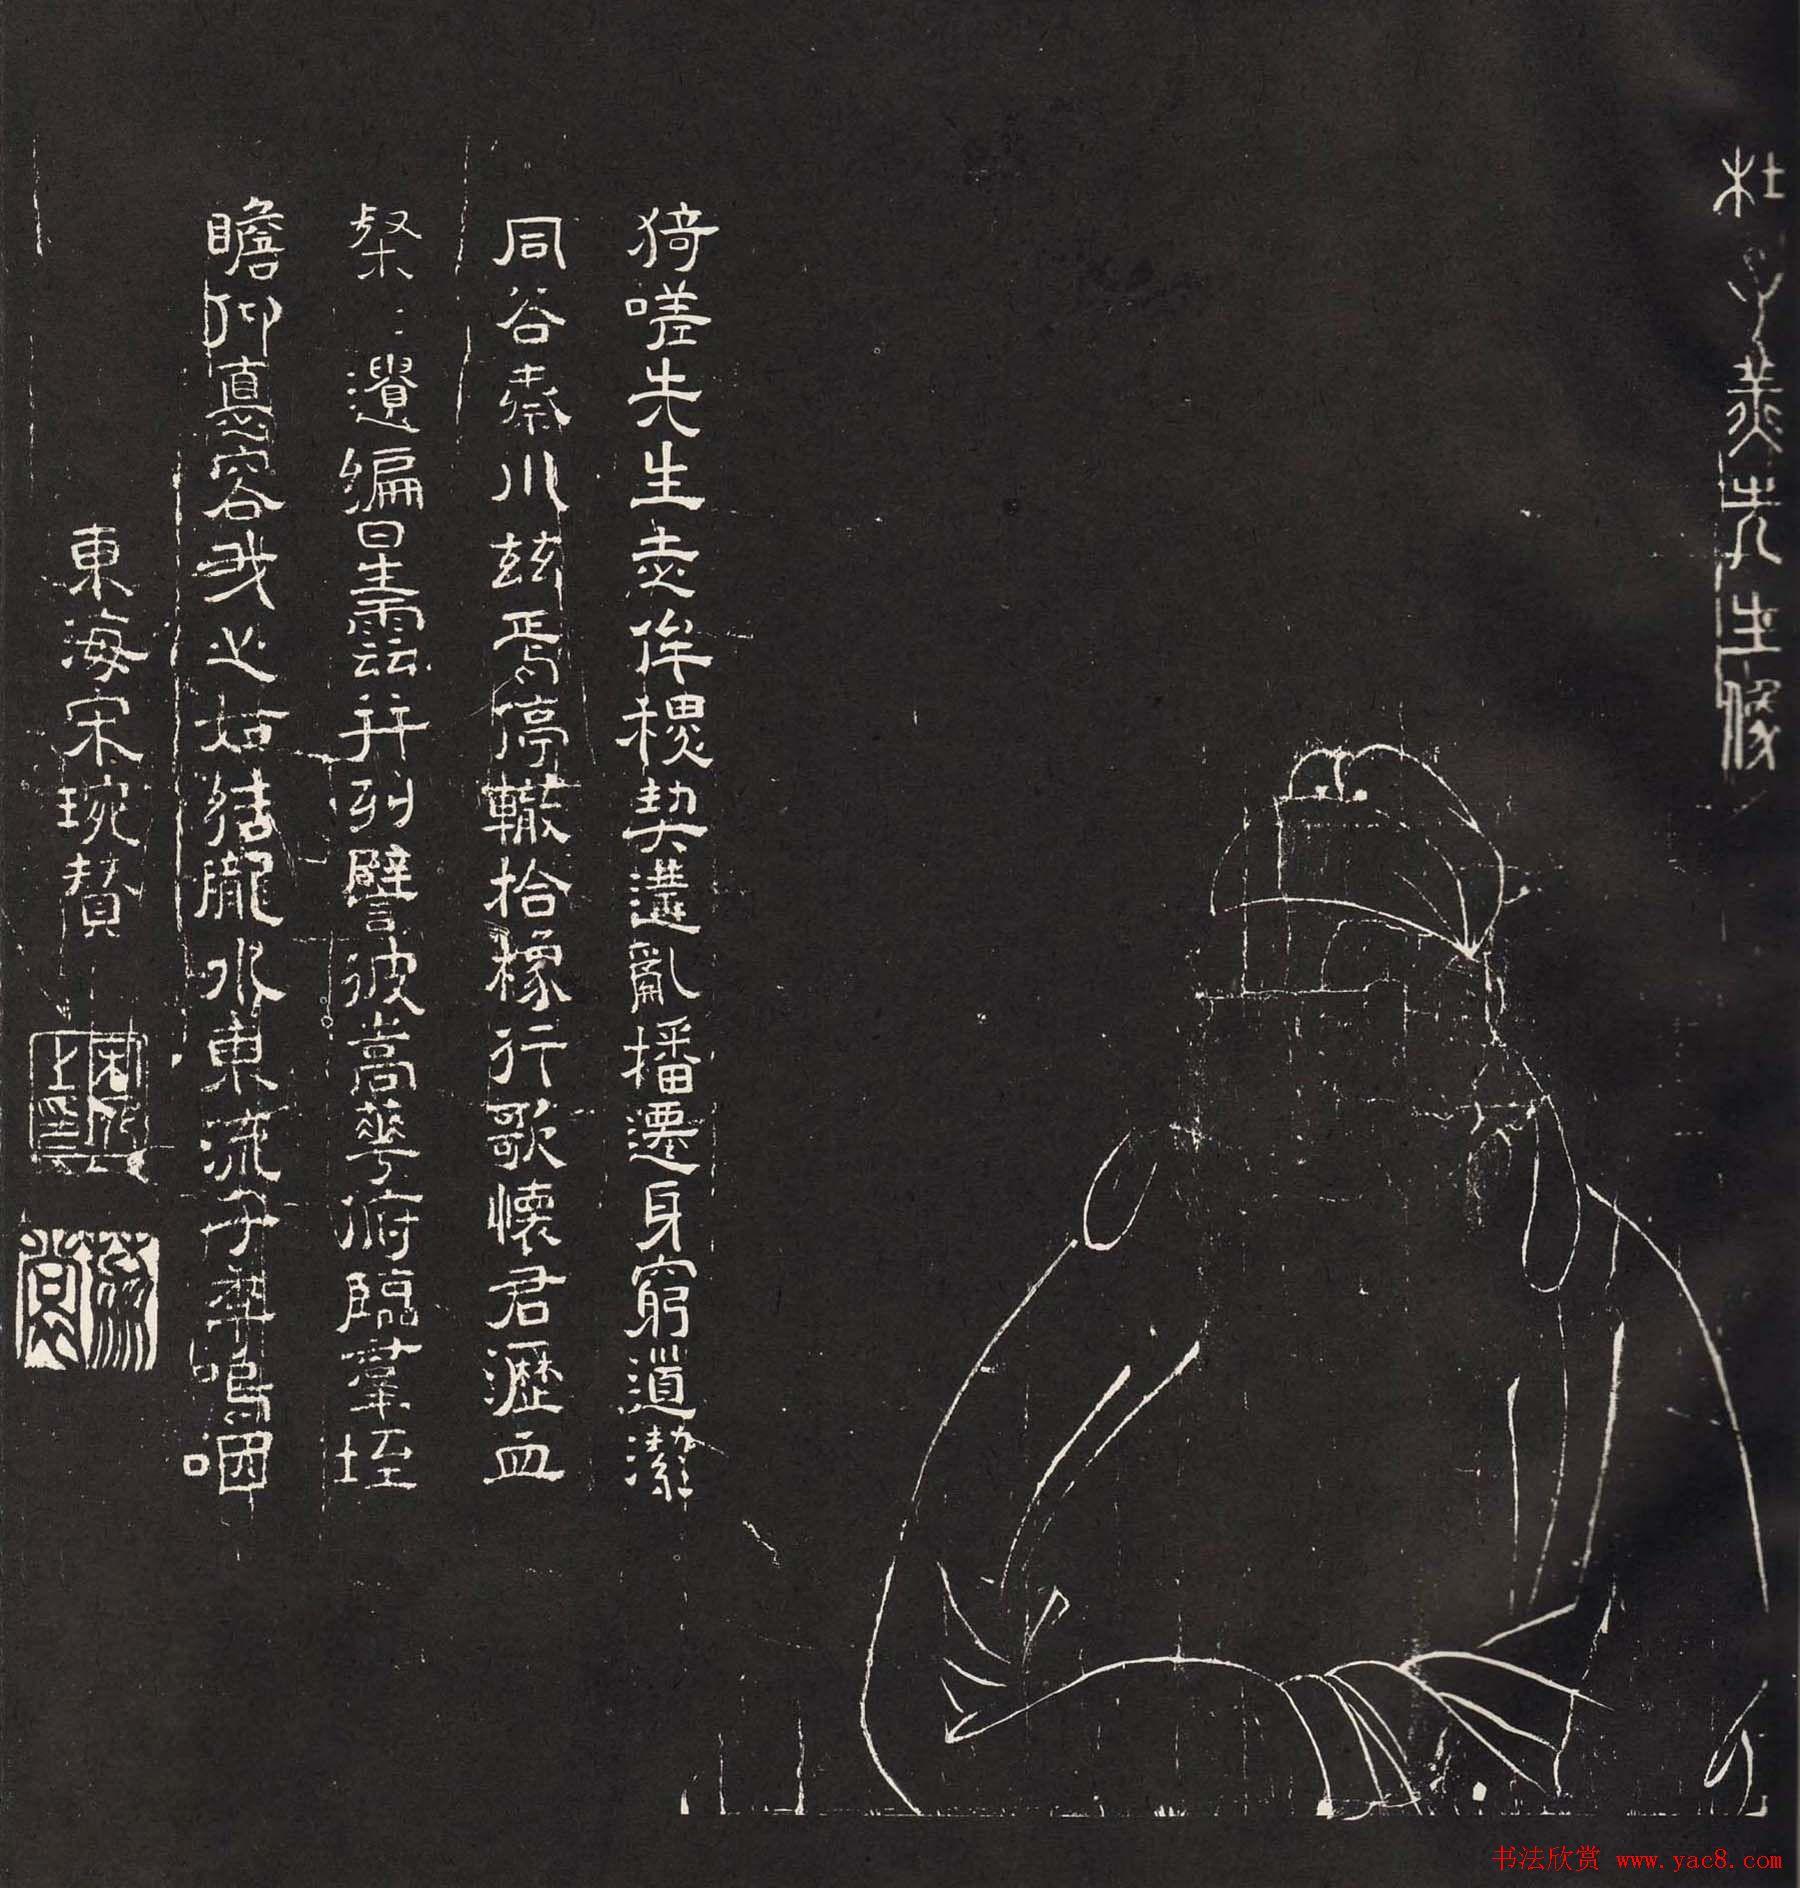 宋琬集二王书法《二妙轩碑》杜诗石刻